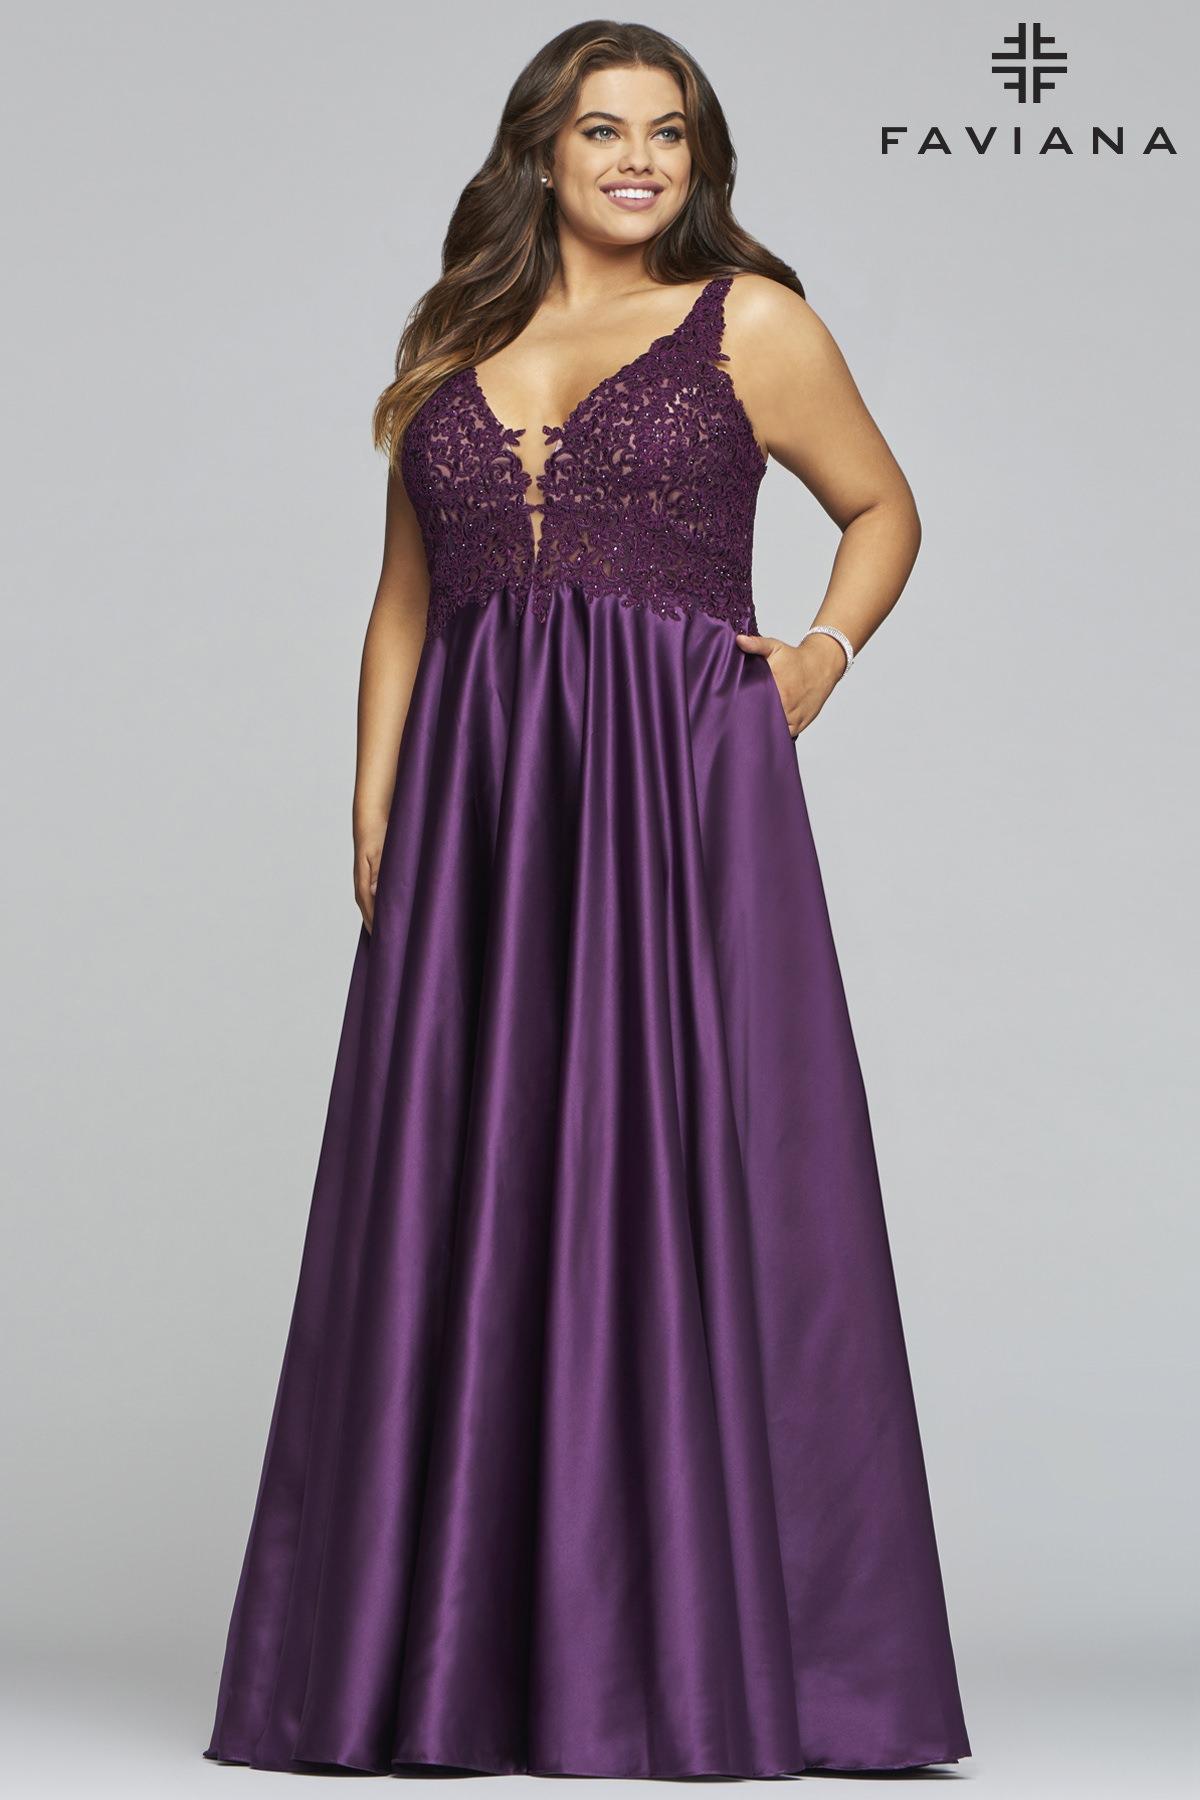 4fb3b4853cc Faviana 9462 - V-Neckline Lace Bodice Satin Dress with Pockets